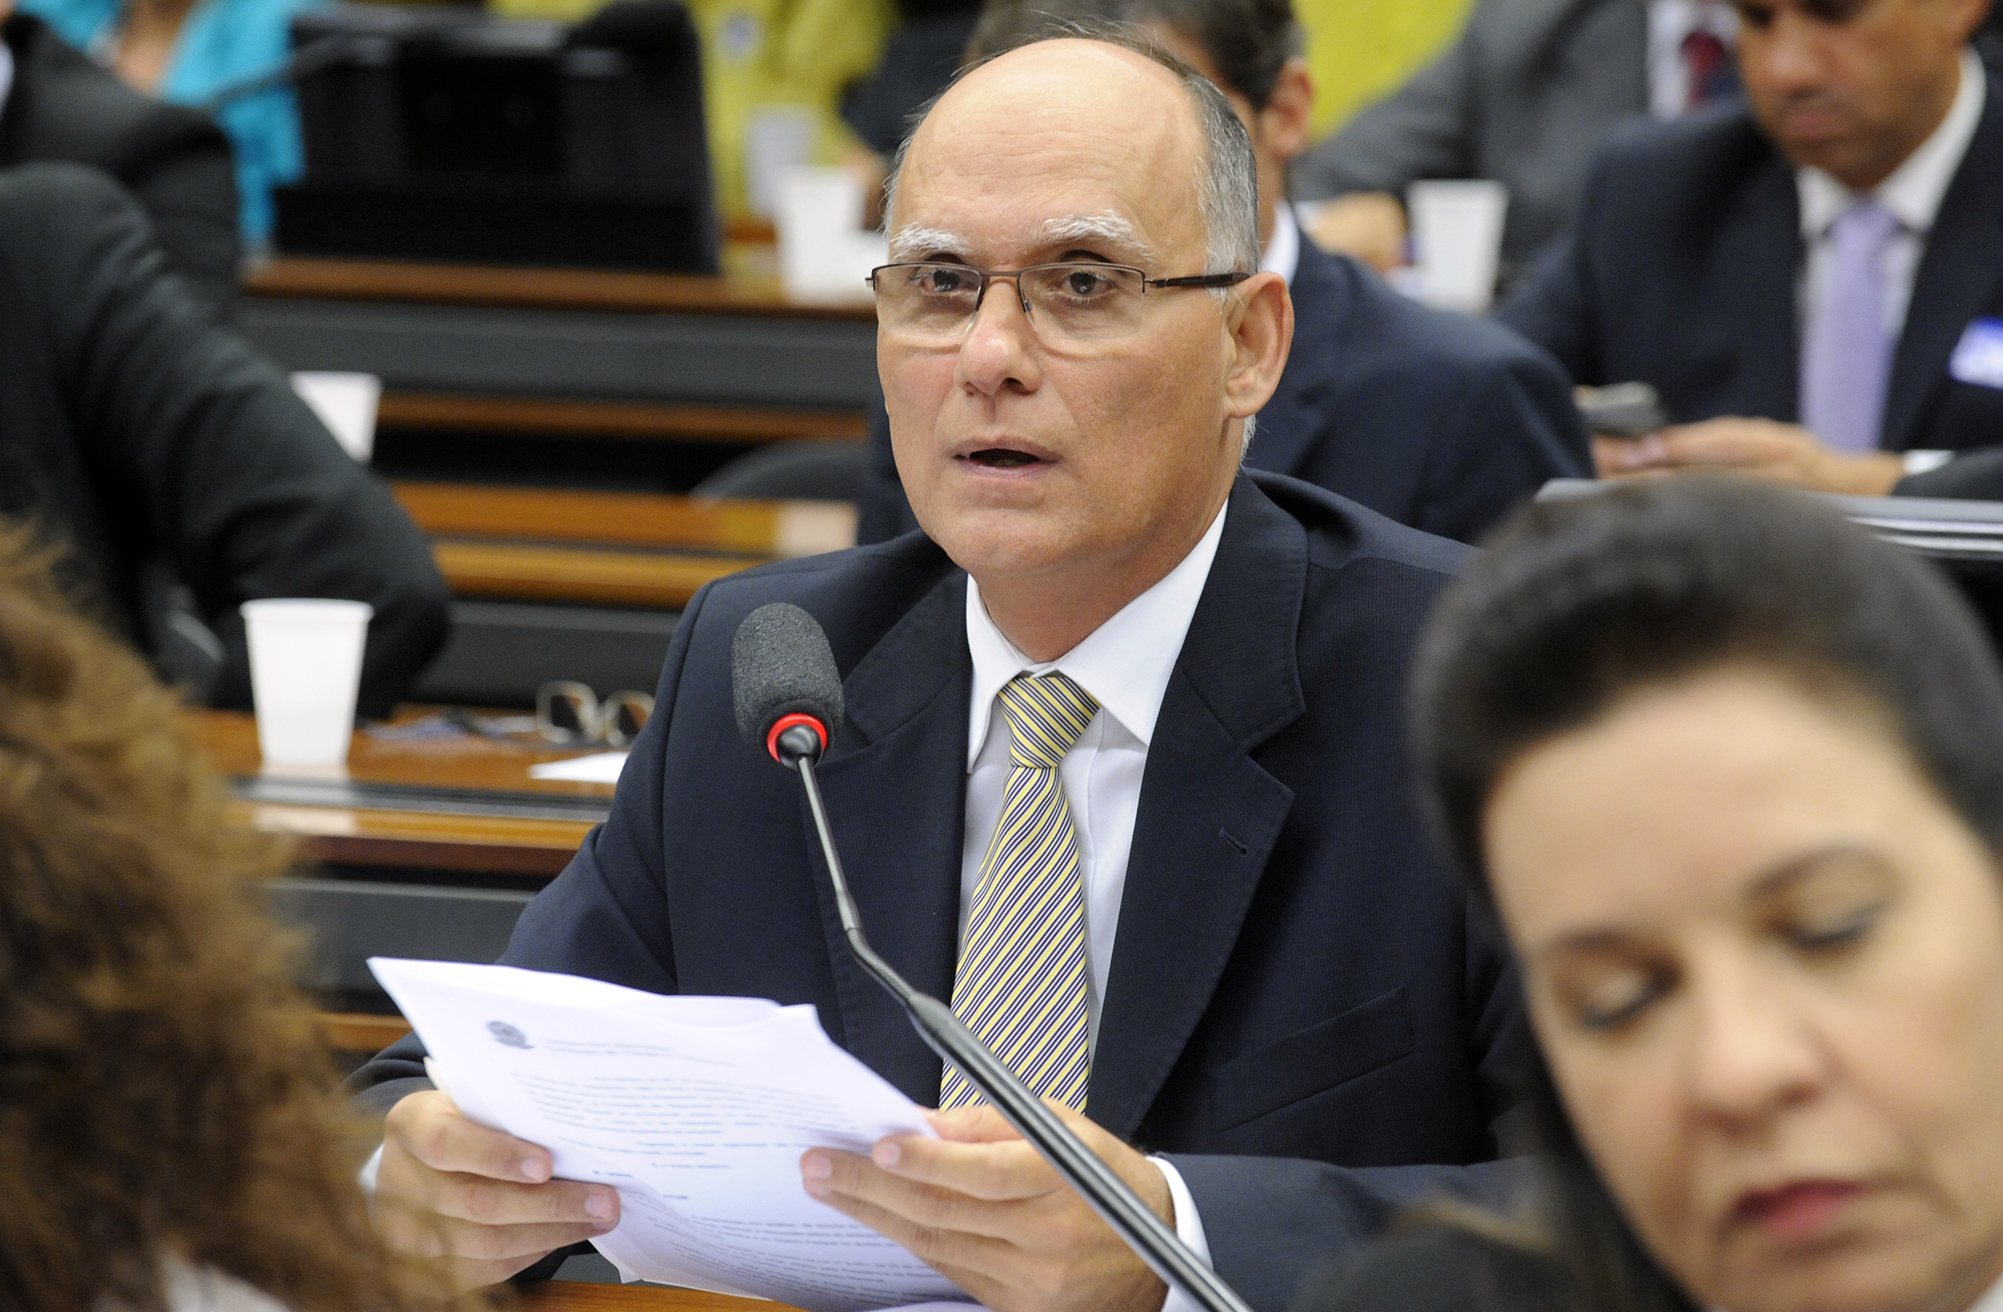 Audiência pública sobre as atribuições das Polícias Militares no Sistema Nacional de Trânsito. Dep. João Paulo Papa (PSDB-SP)